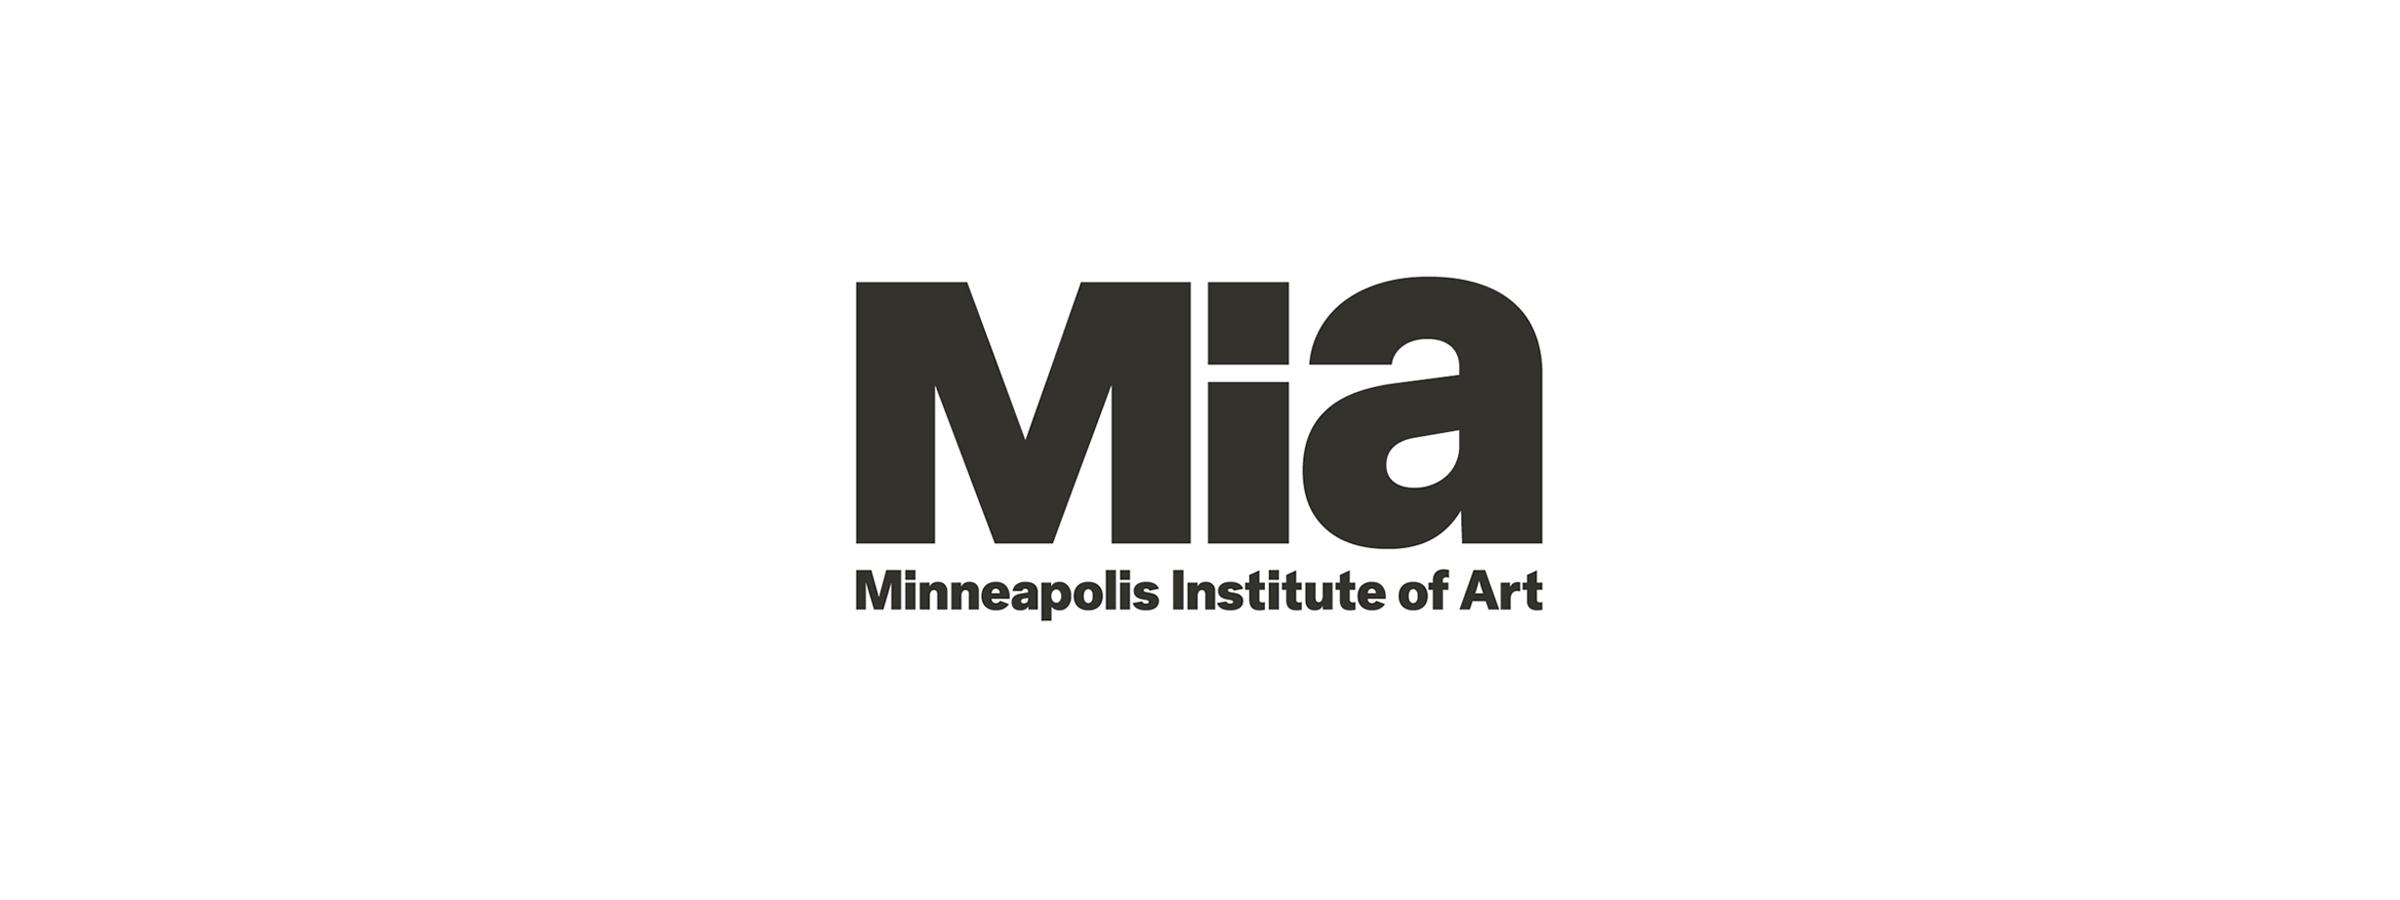 Weekly_MuseumBranding_Mia